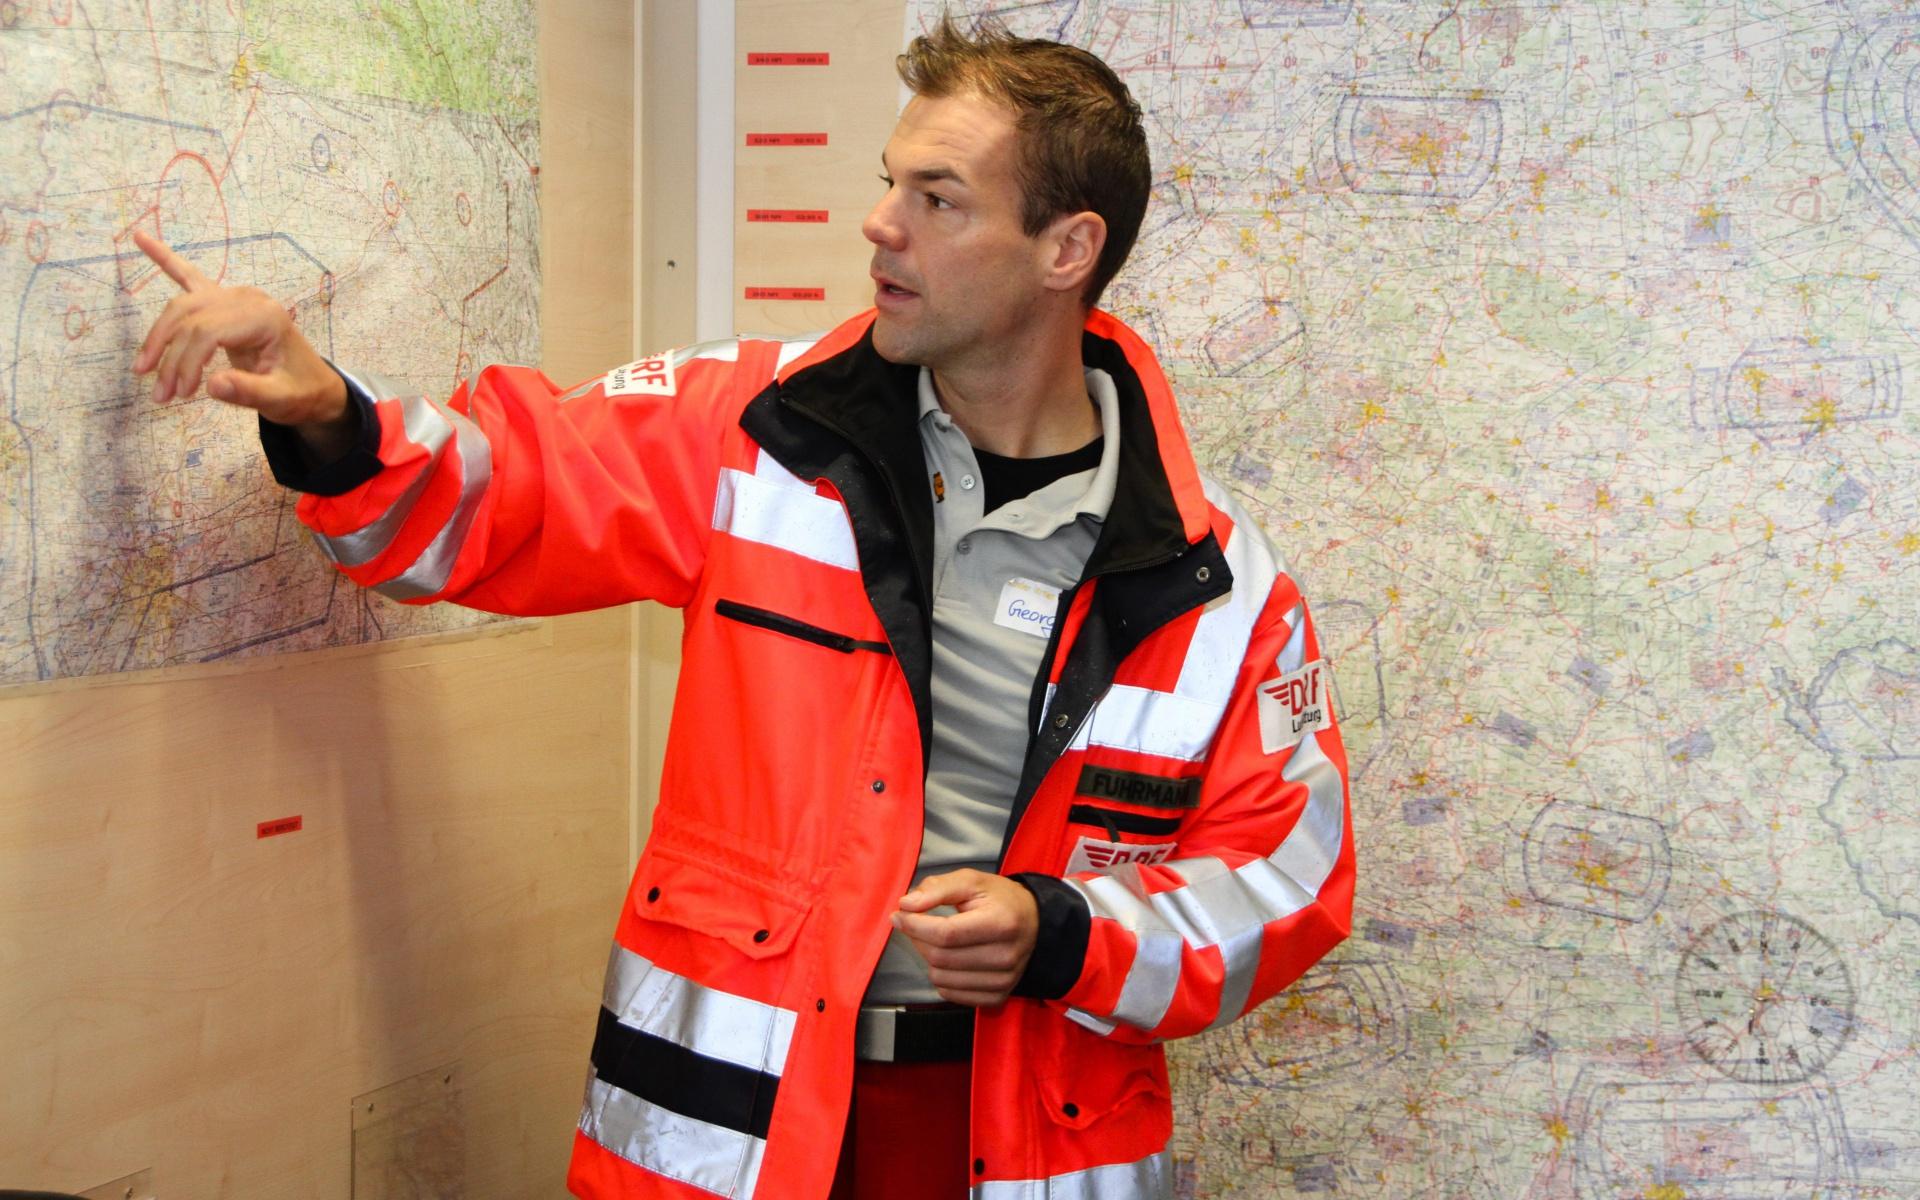 Pilot Georg Fuhrmann erklärt den faszinierten kleinen Besuchern, wie schnell die Besatzung im Notfall mit dem Hubschrauber vor Ort ist. Symbolbild.